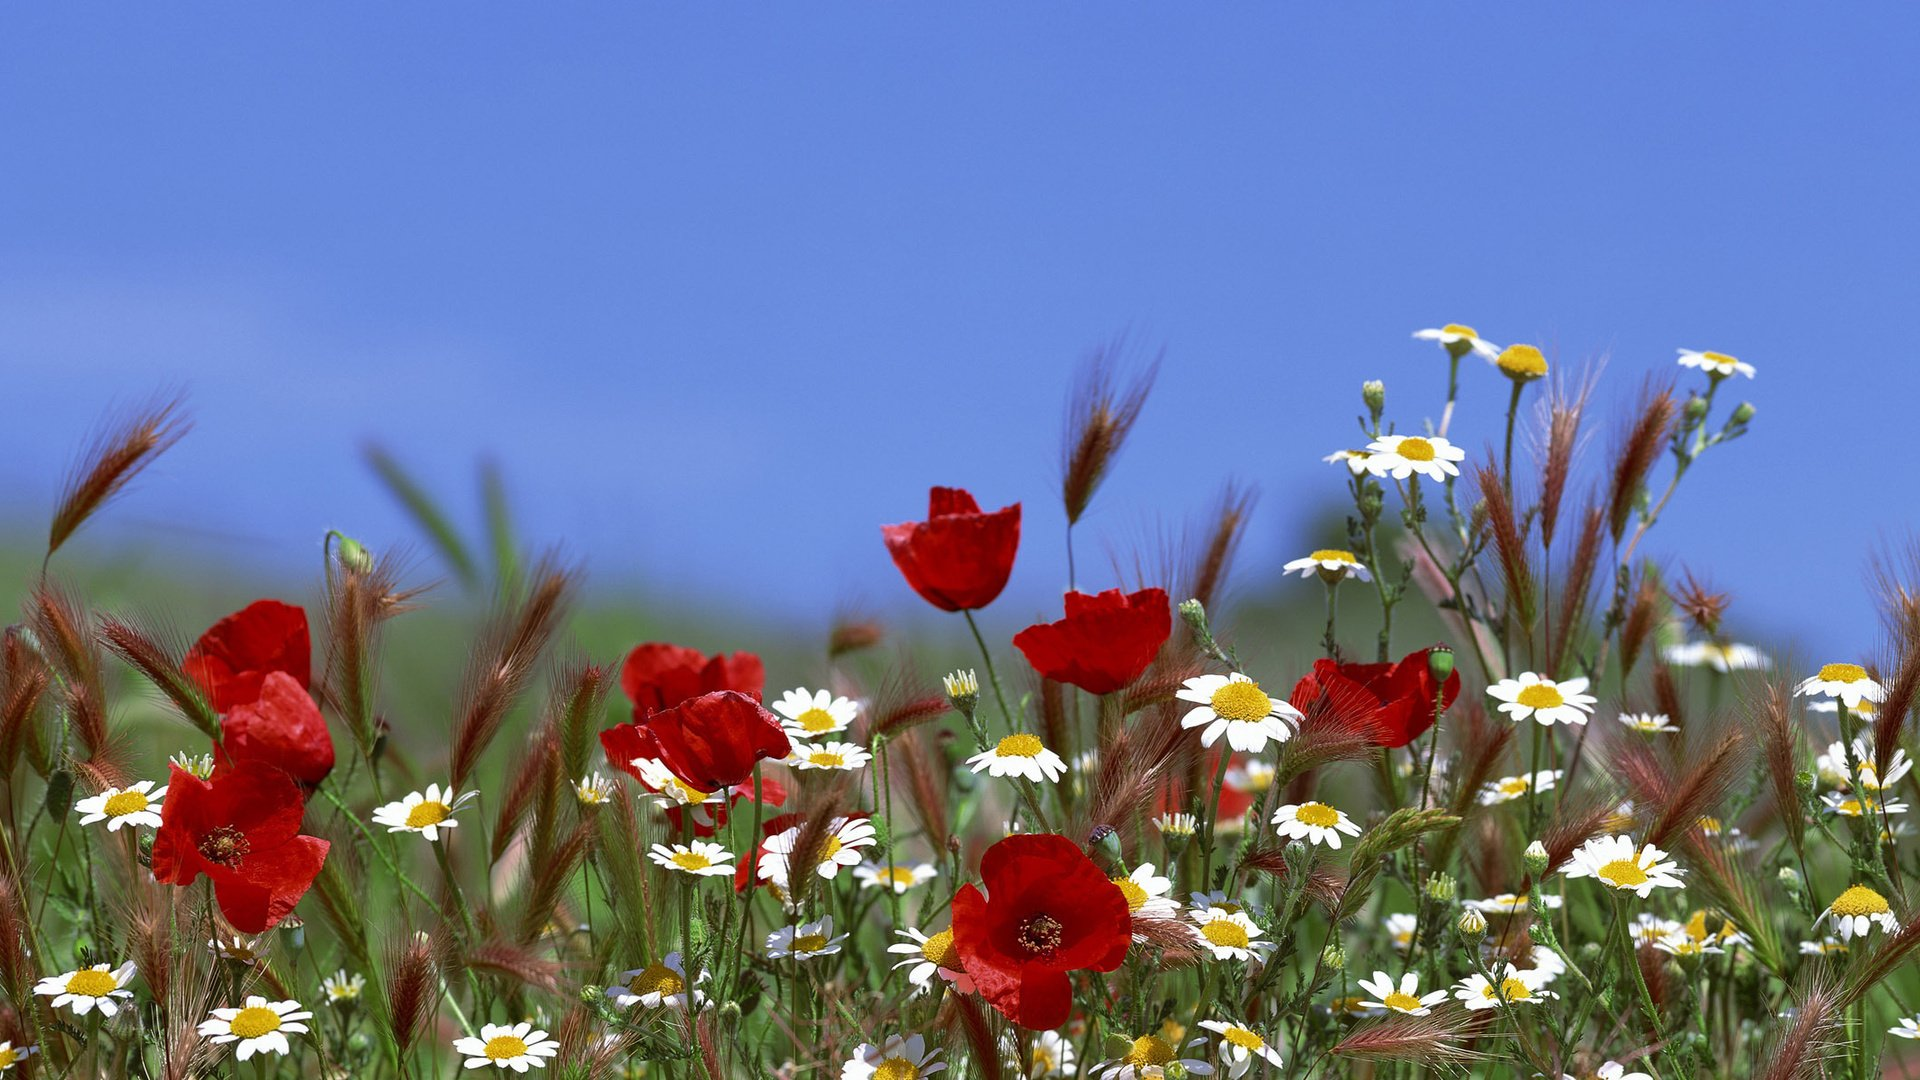 Картинки цветы на фото мой мир